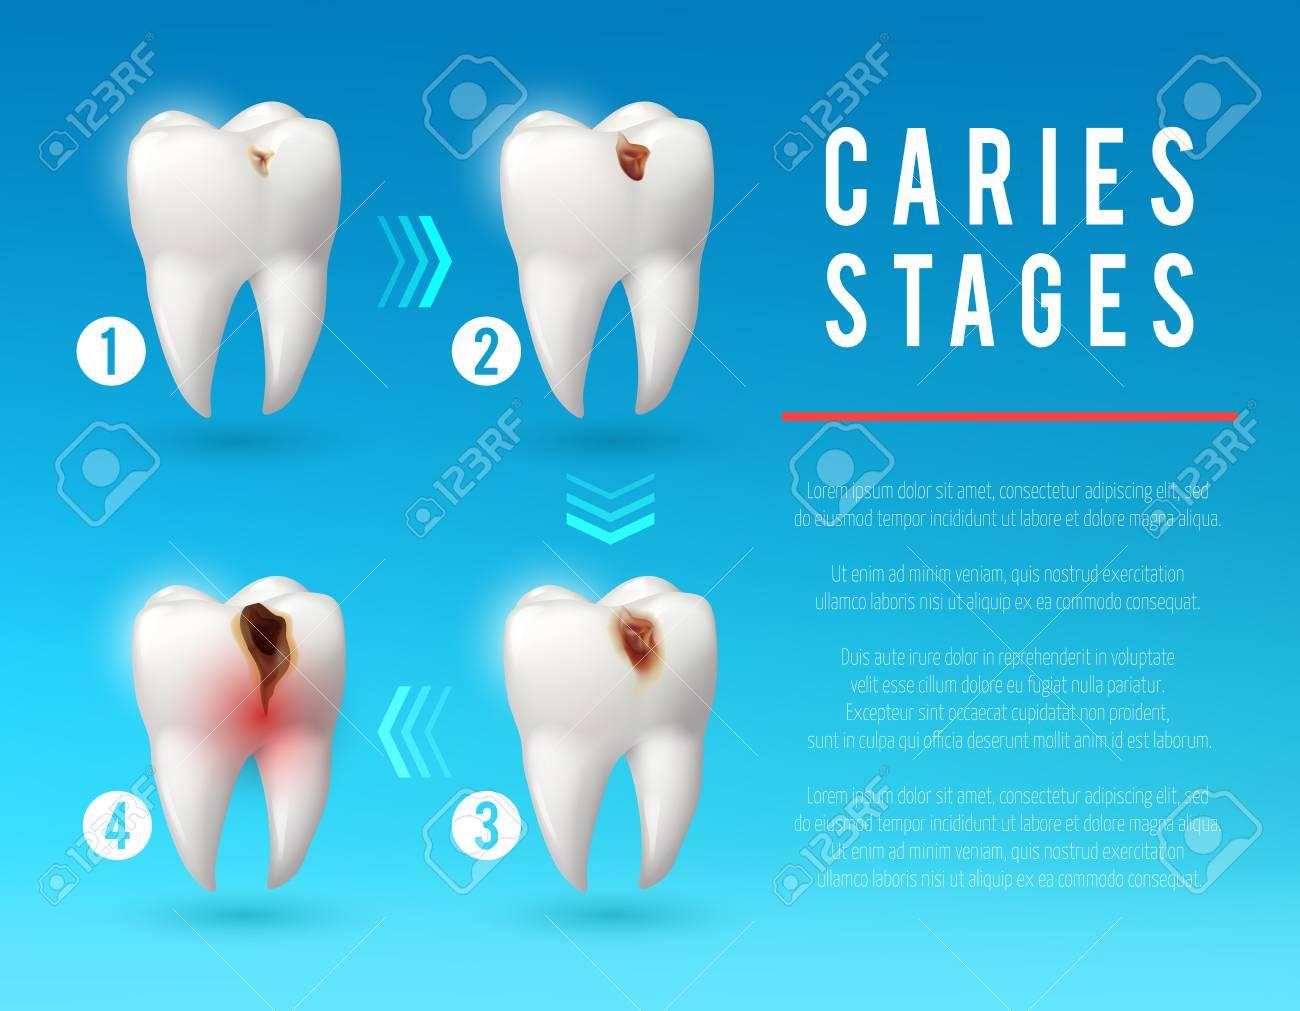 Póster 3d De Caries Dental Del Desarrollo De Caries Dental ...